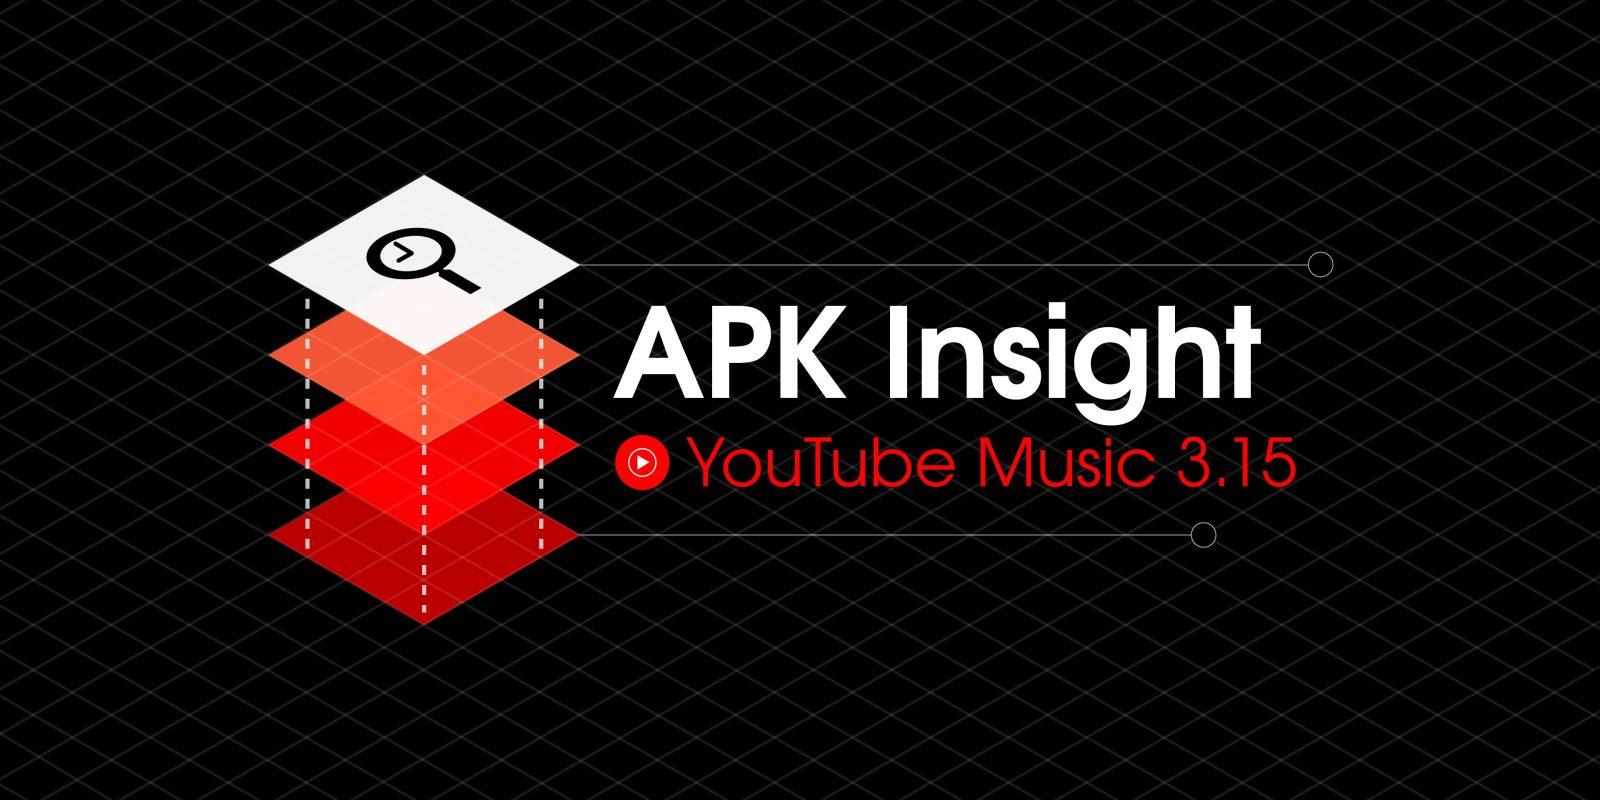 youtube premium apk hack 2019